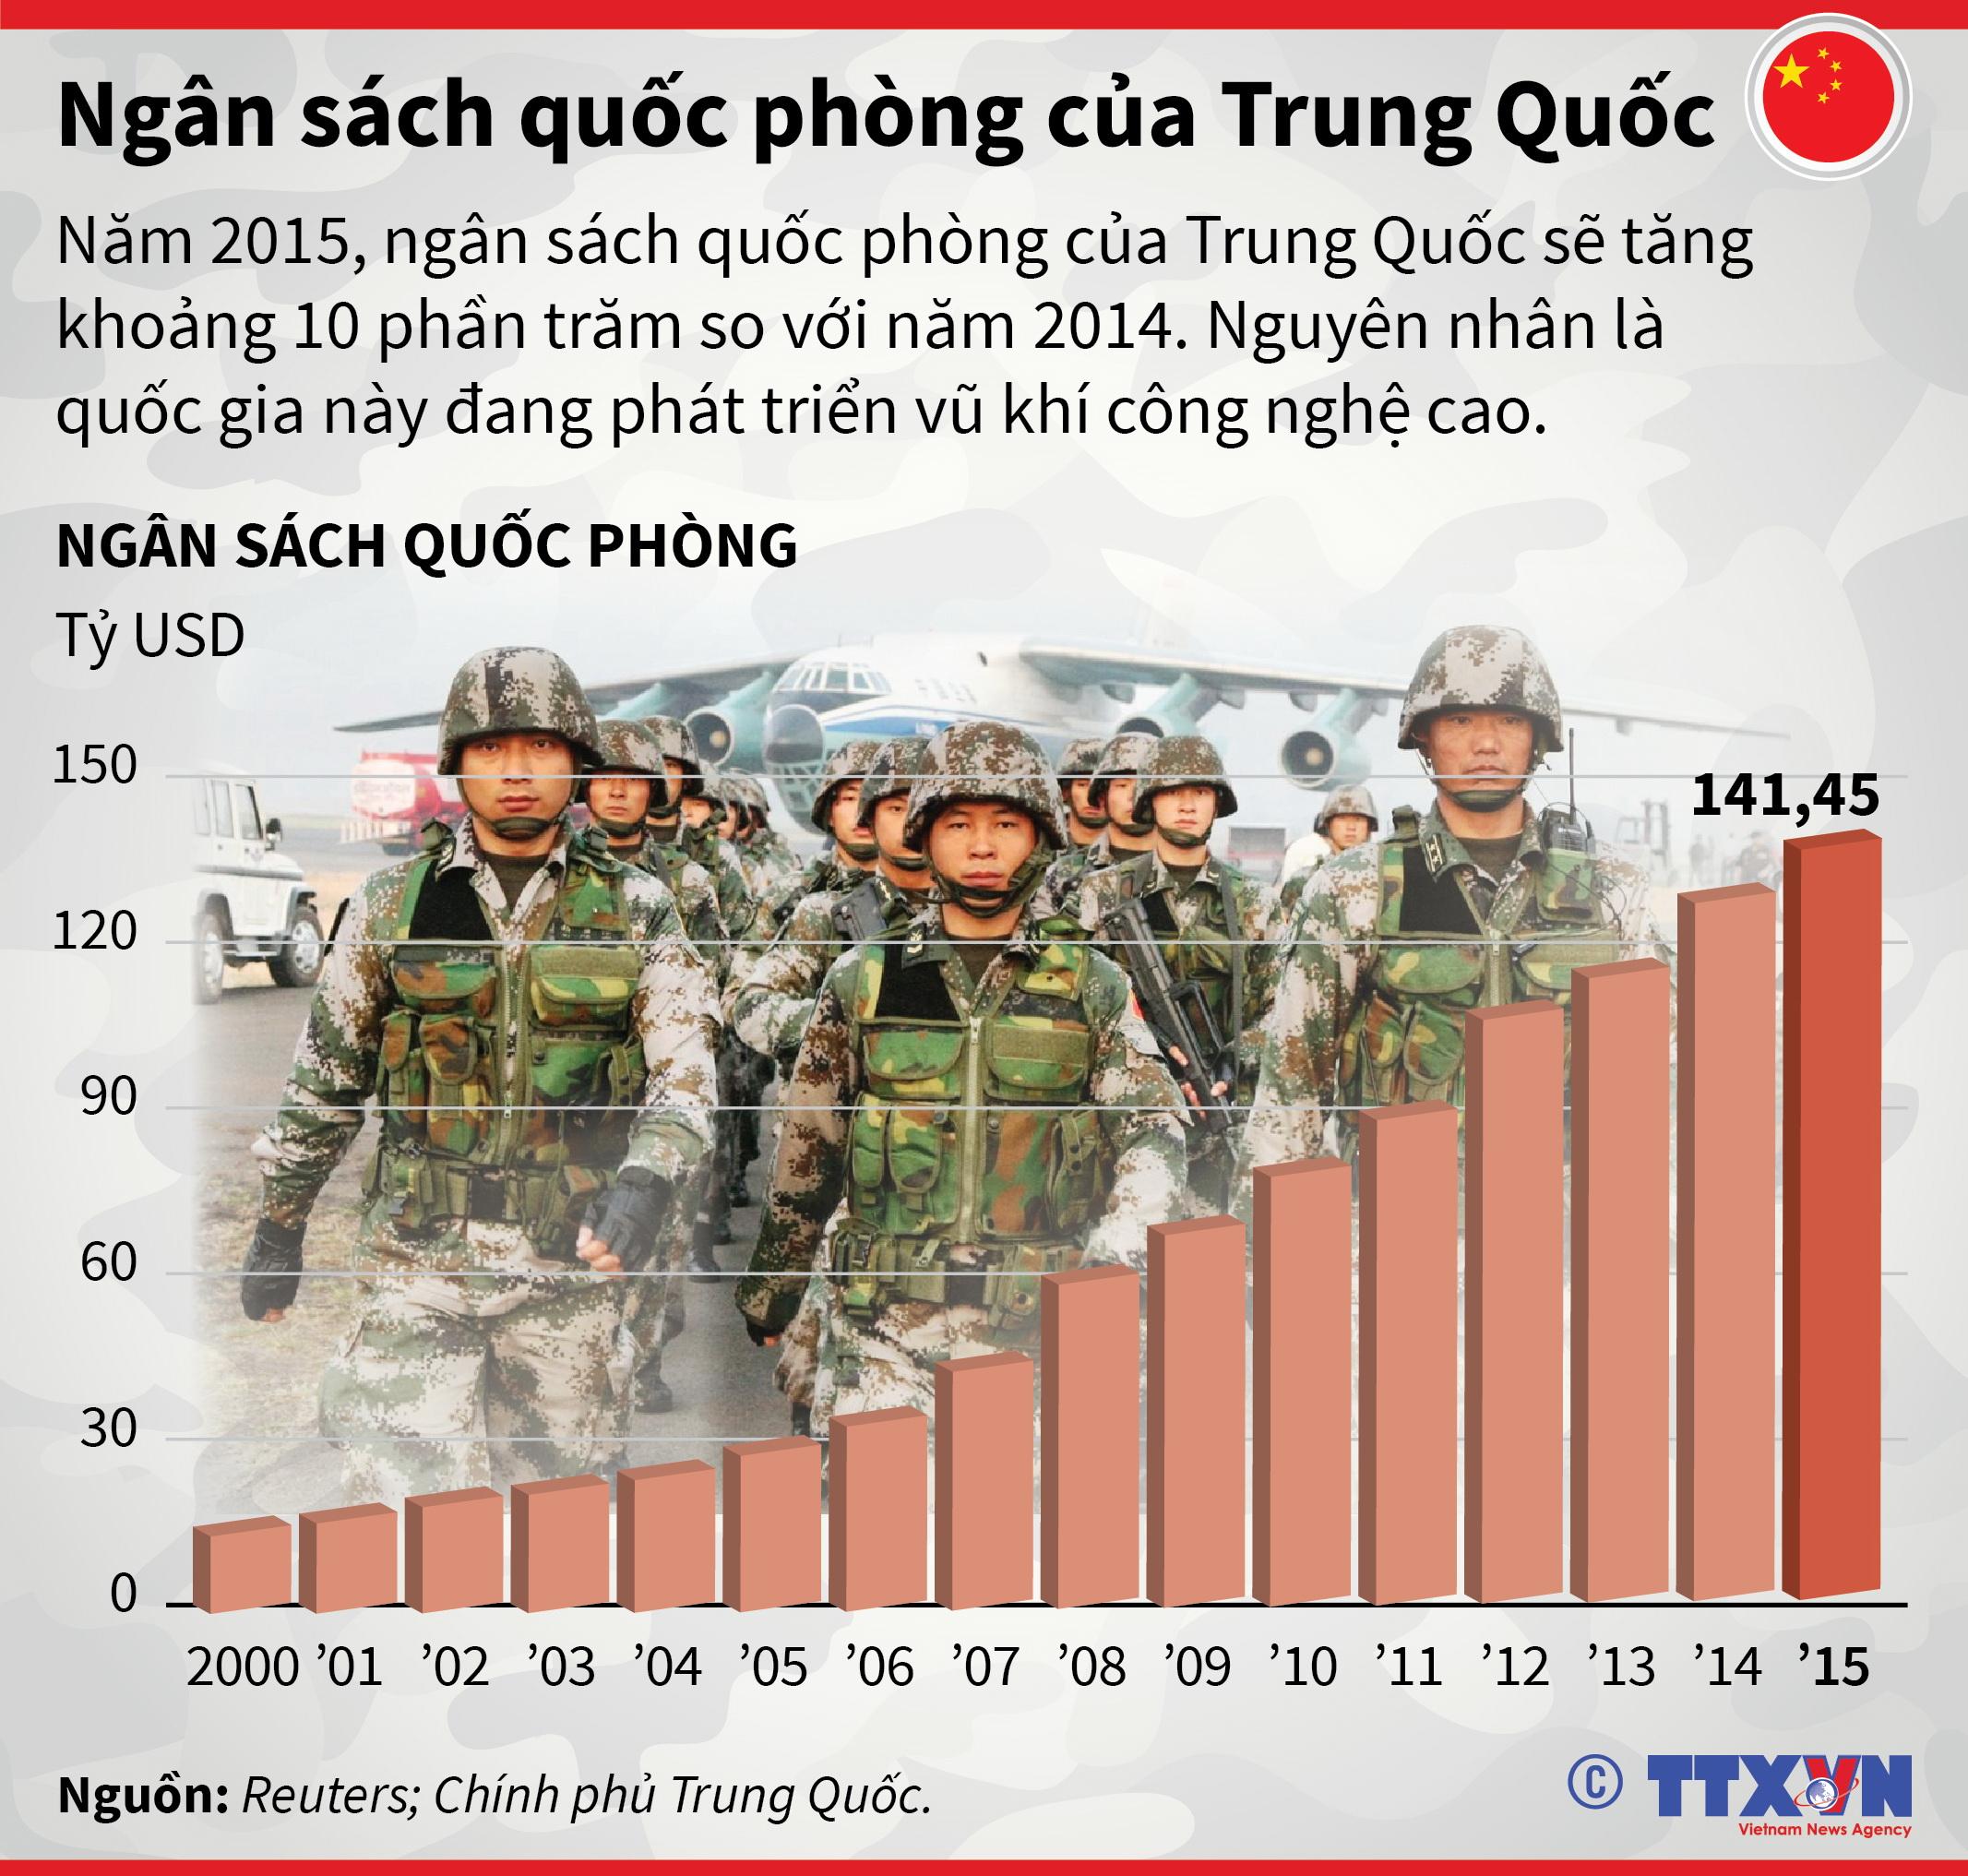 Ngân sách quốc phòng của Trung Quốc